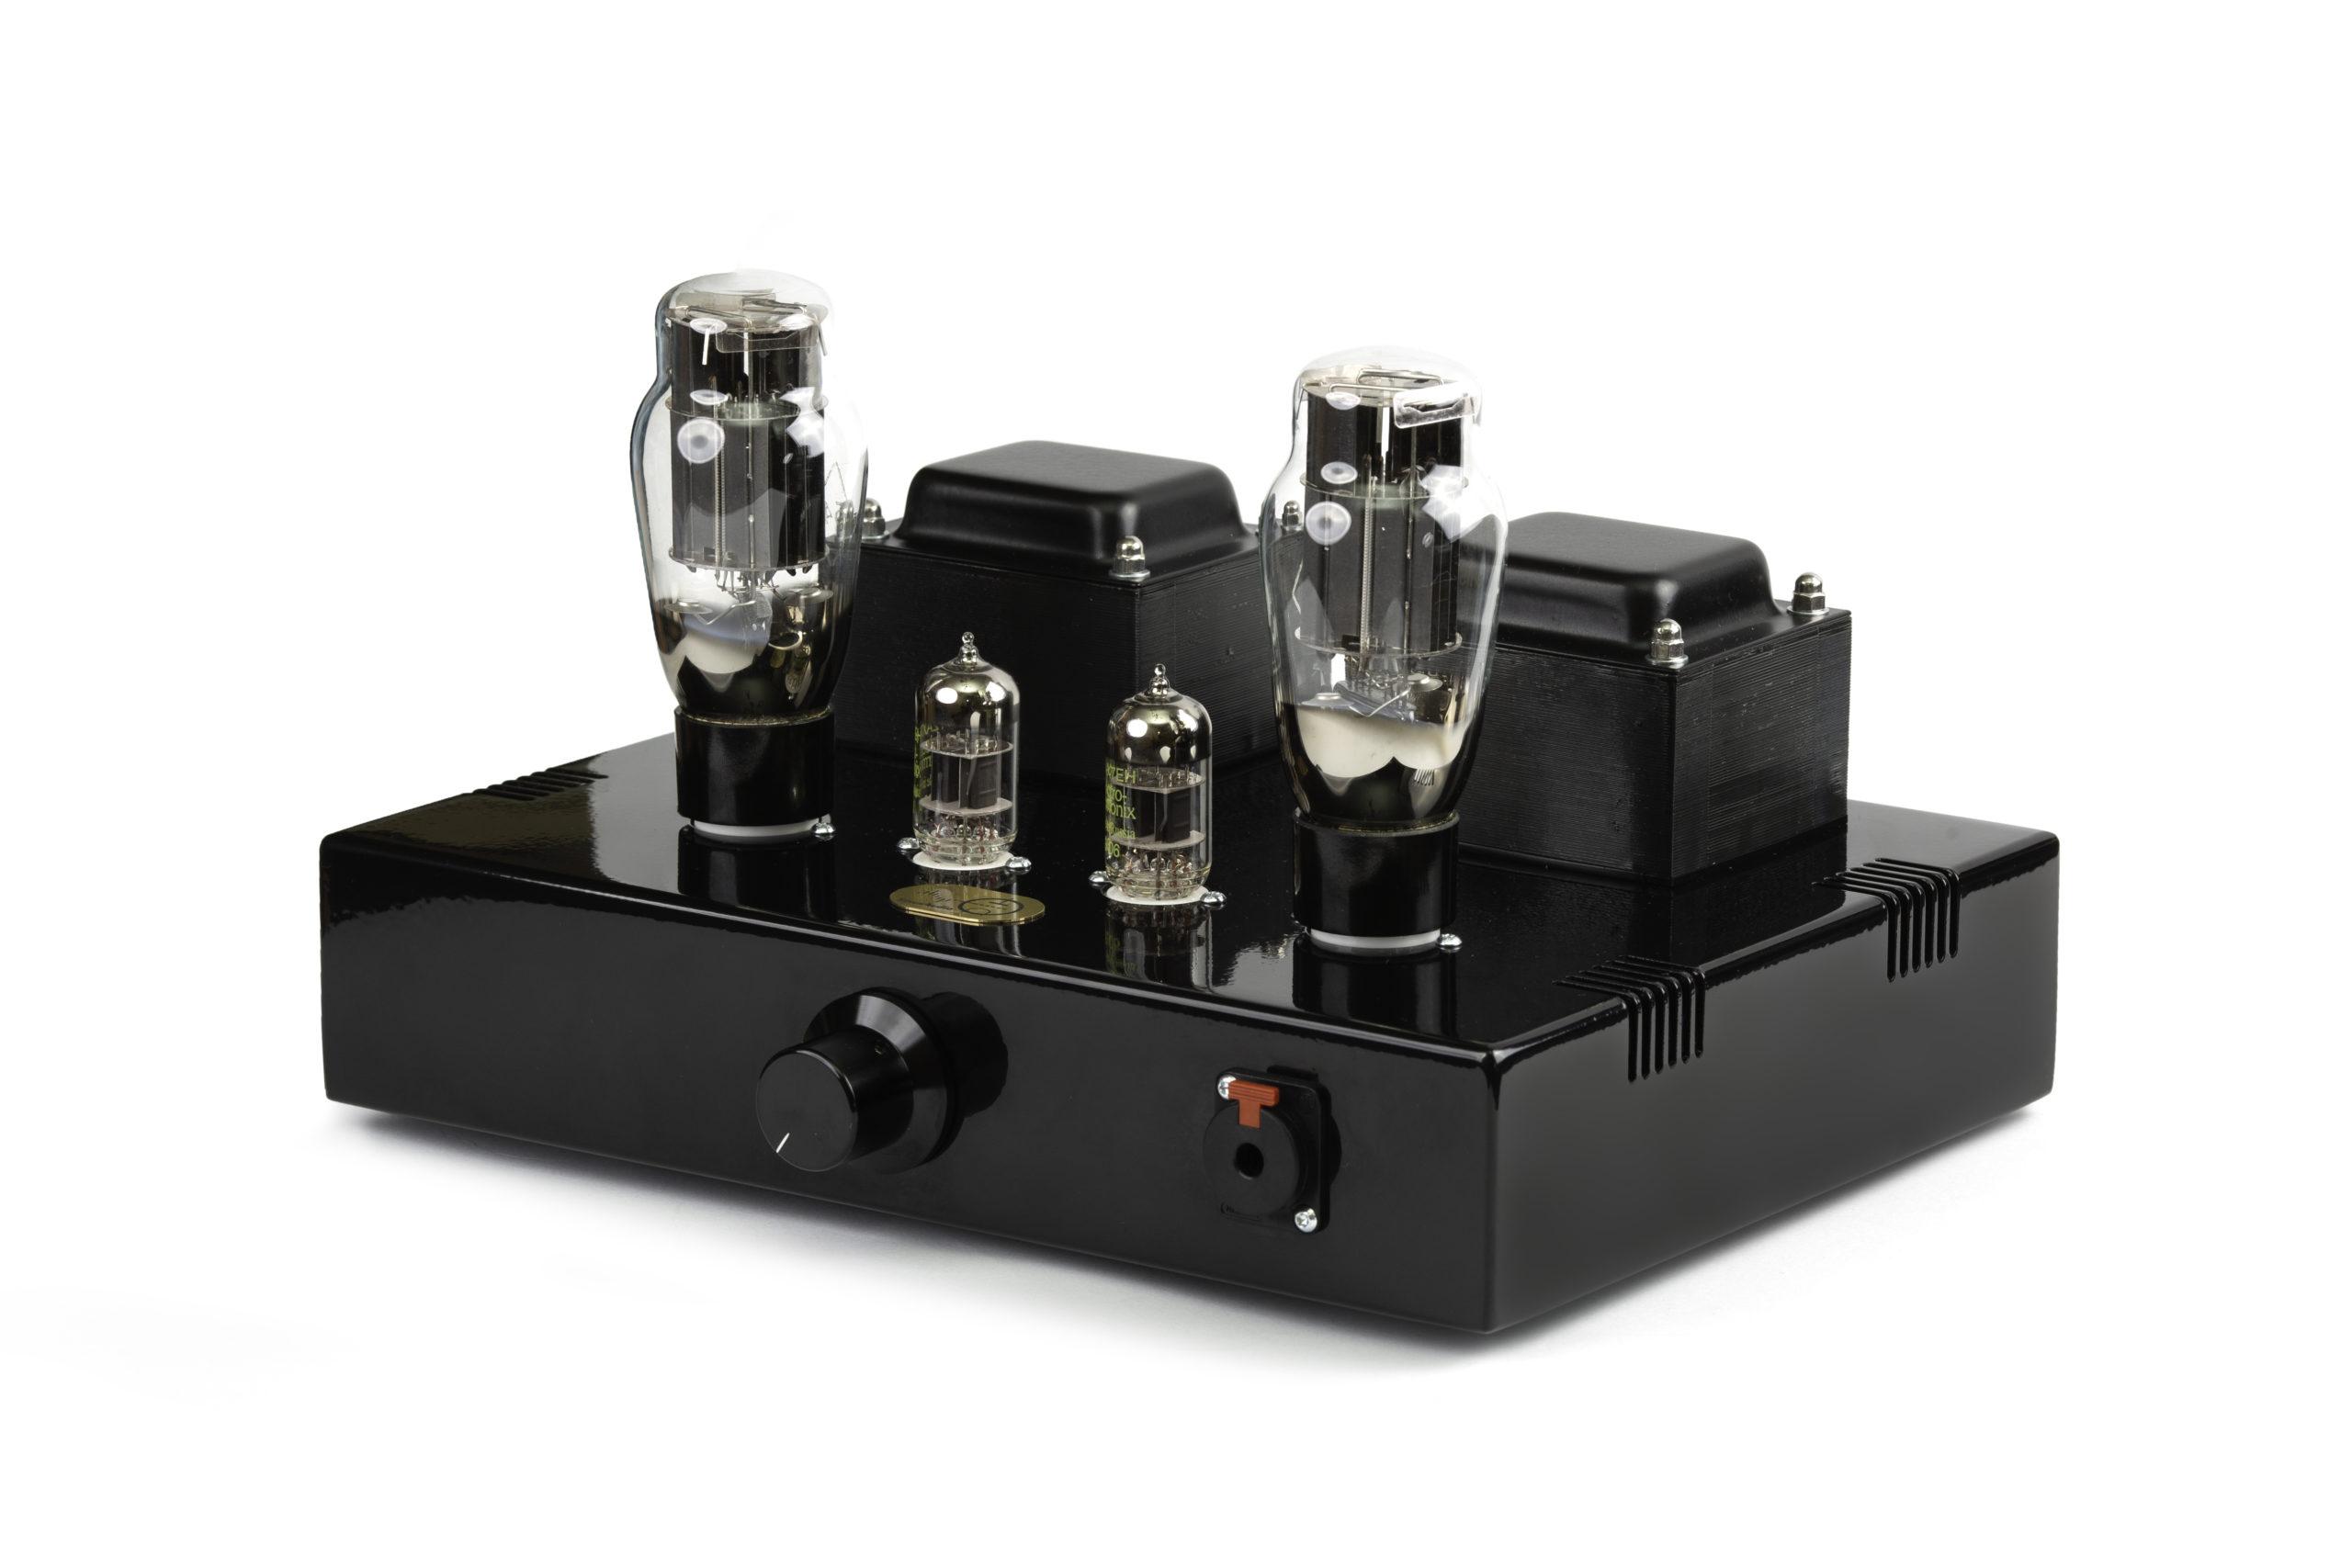 Wzmacniacz słuchawkowy DualMono OTL 6N13S